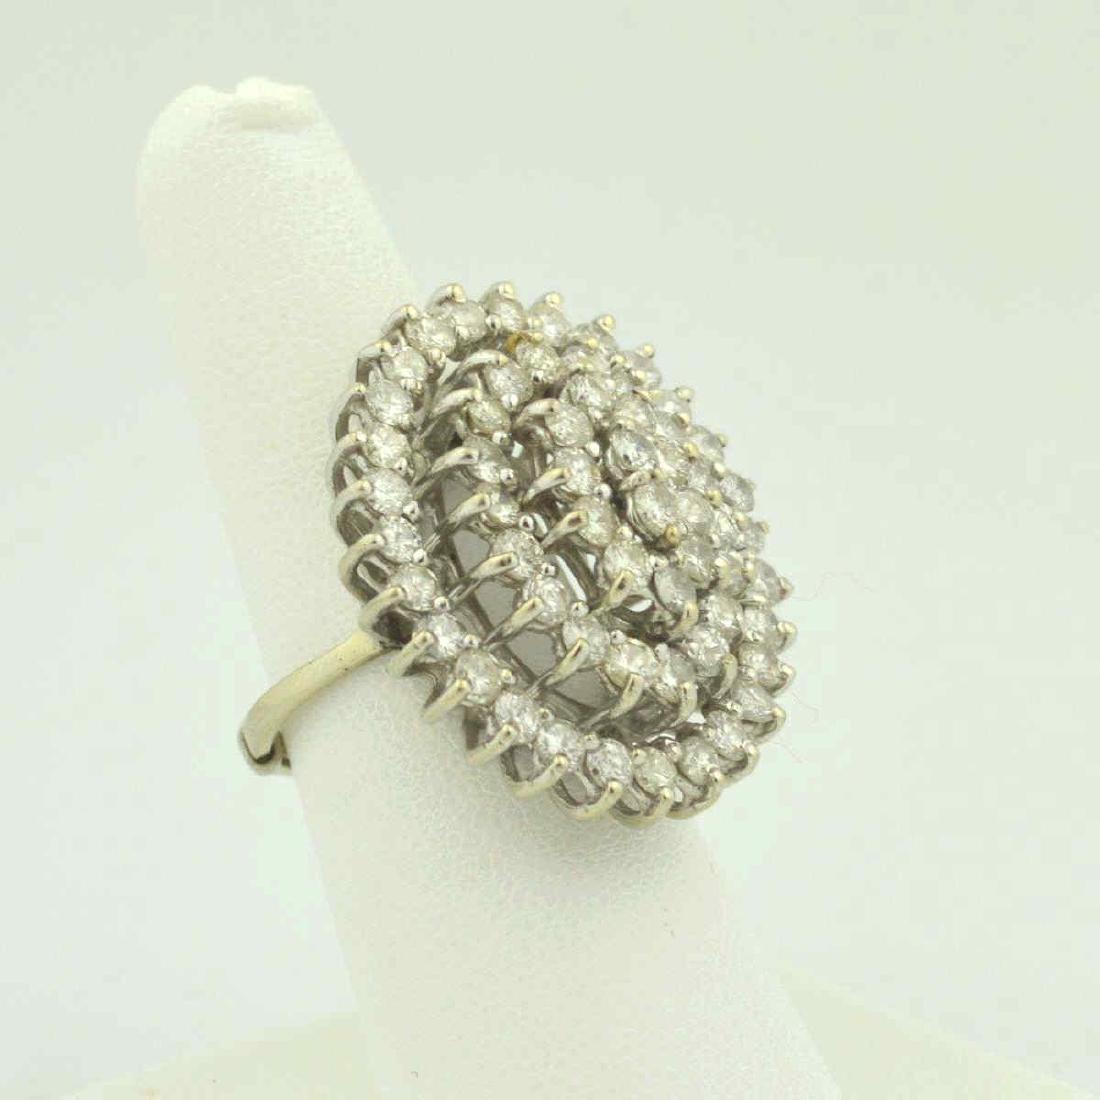 14kt white gold diamond cocktail ring - 2